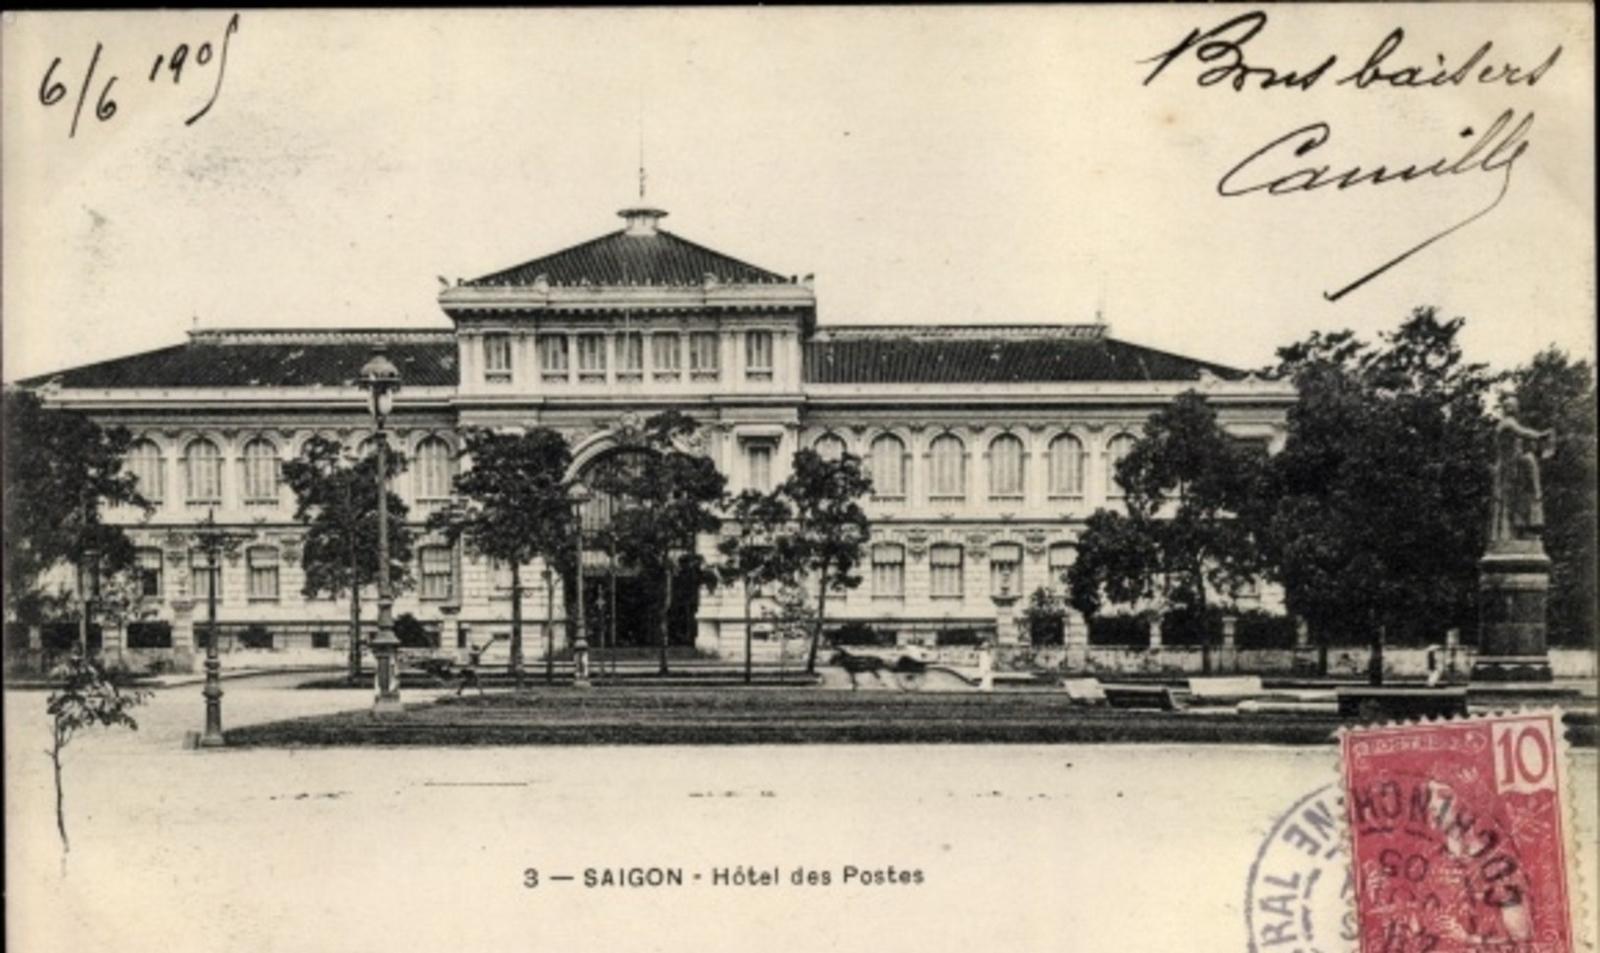 Hô Chi Minh-Ville -  Cp Saigon Cochinchine Vietnam, Hôtel des Postes